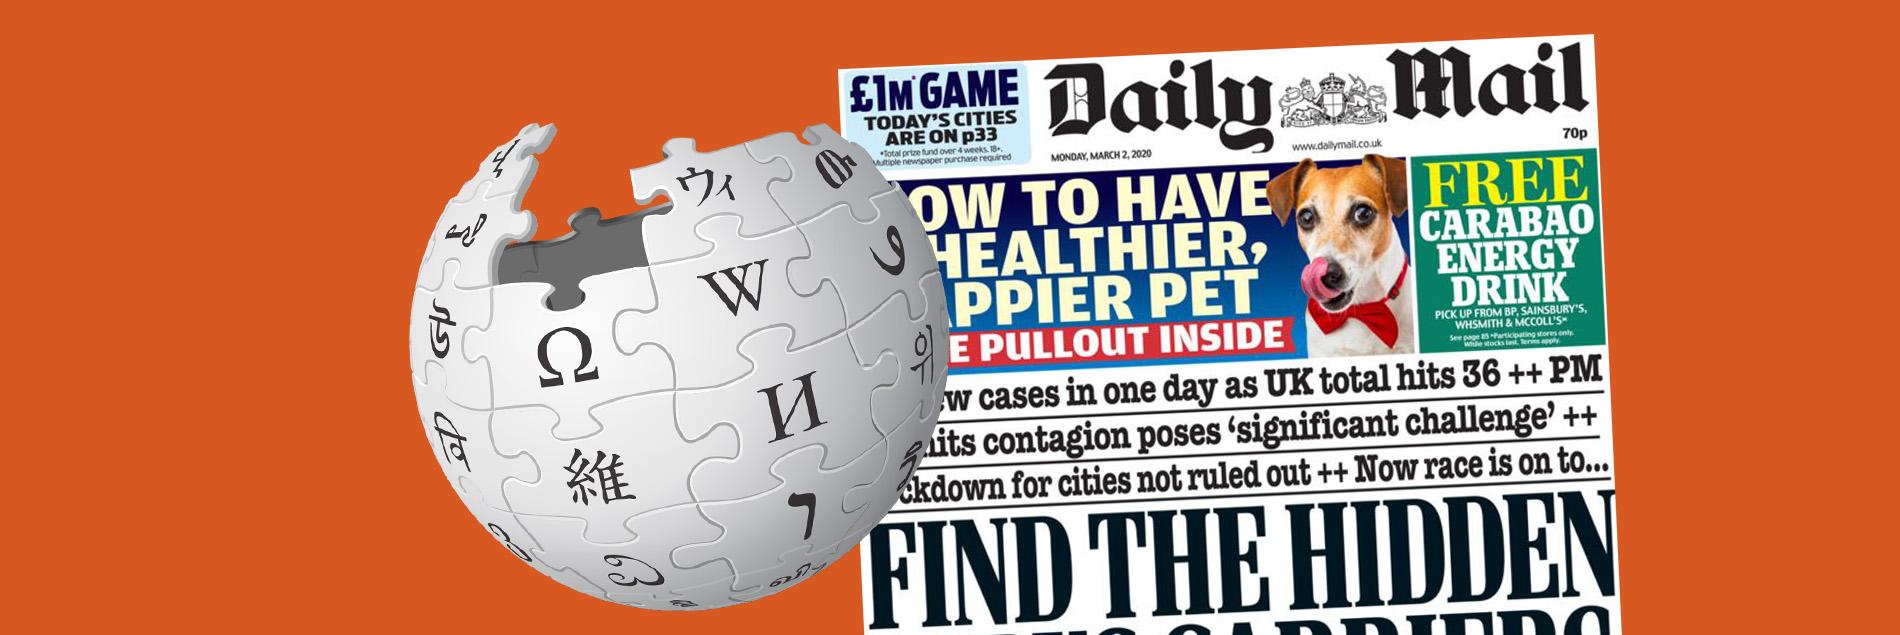 wikipedia Daily Mail